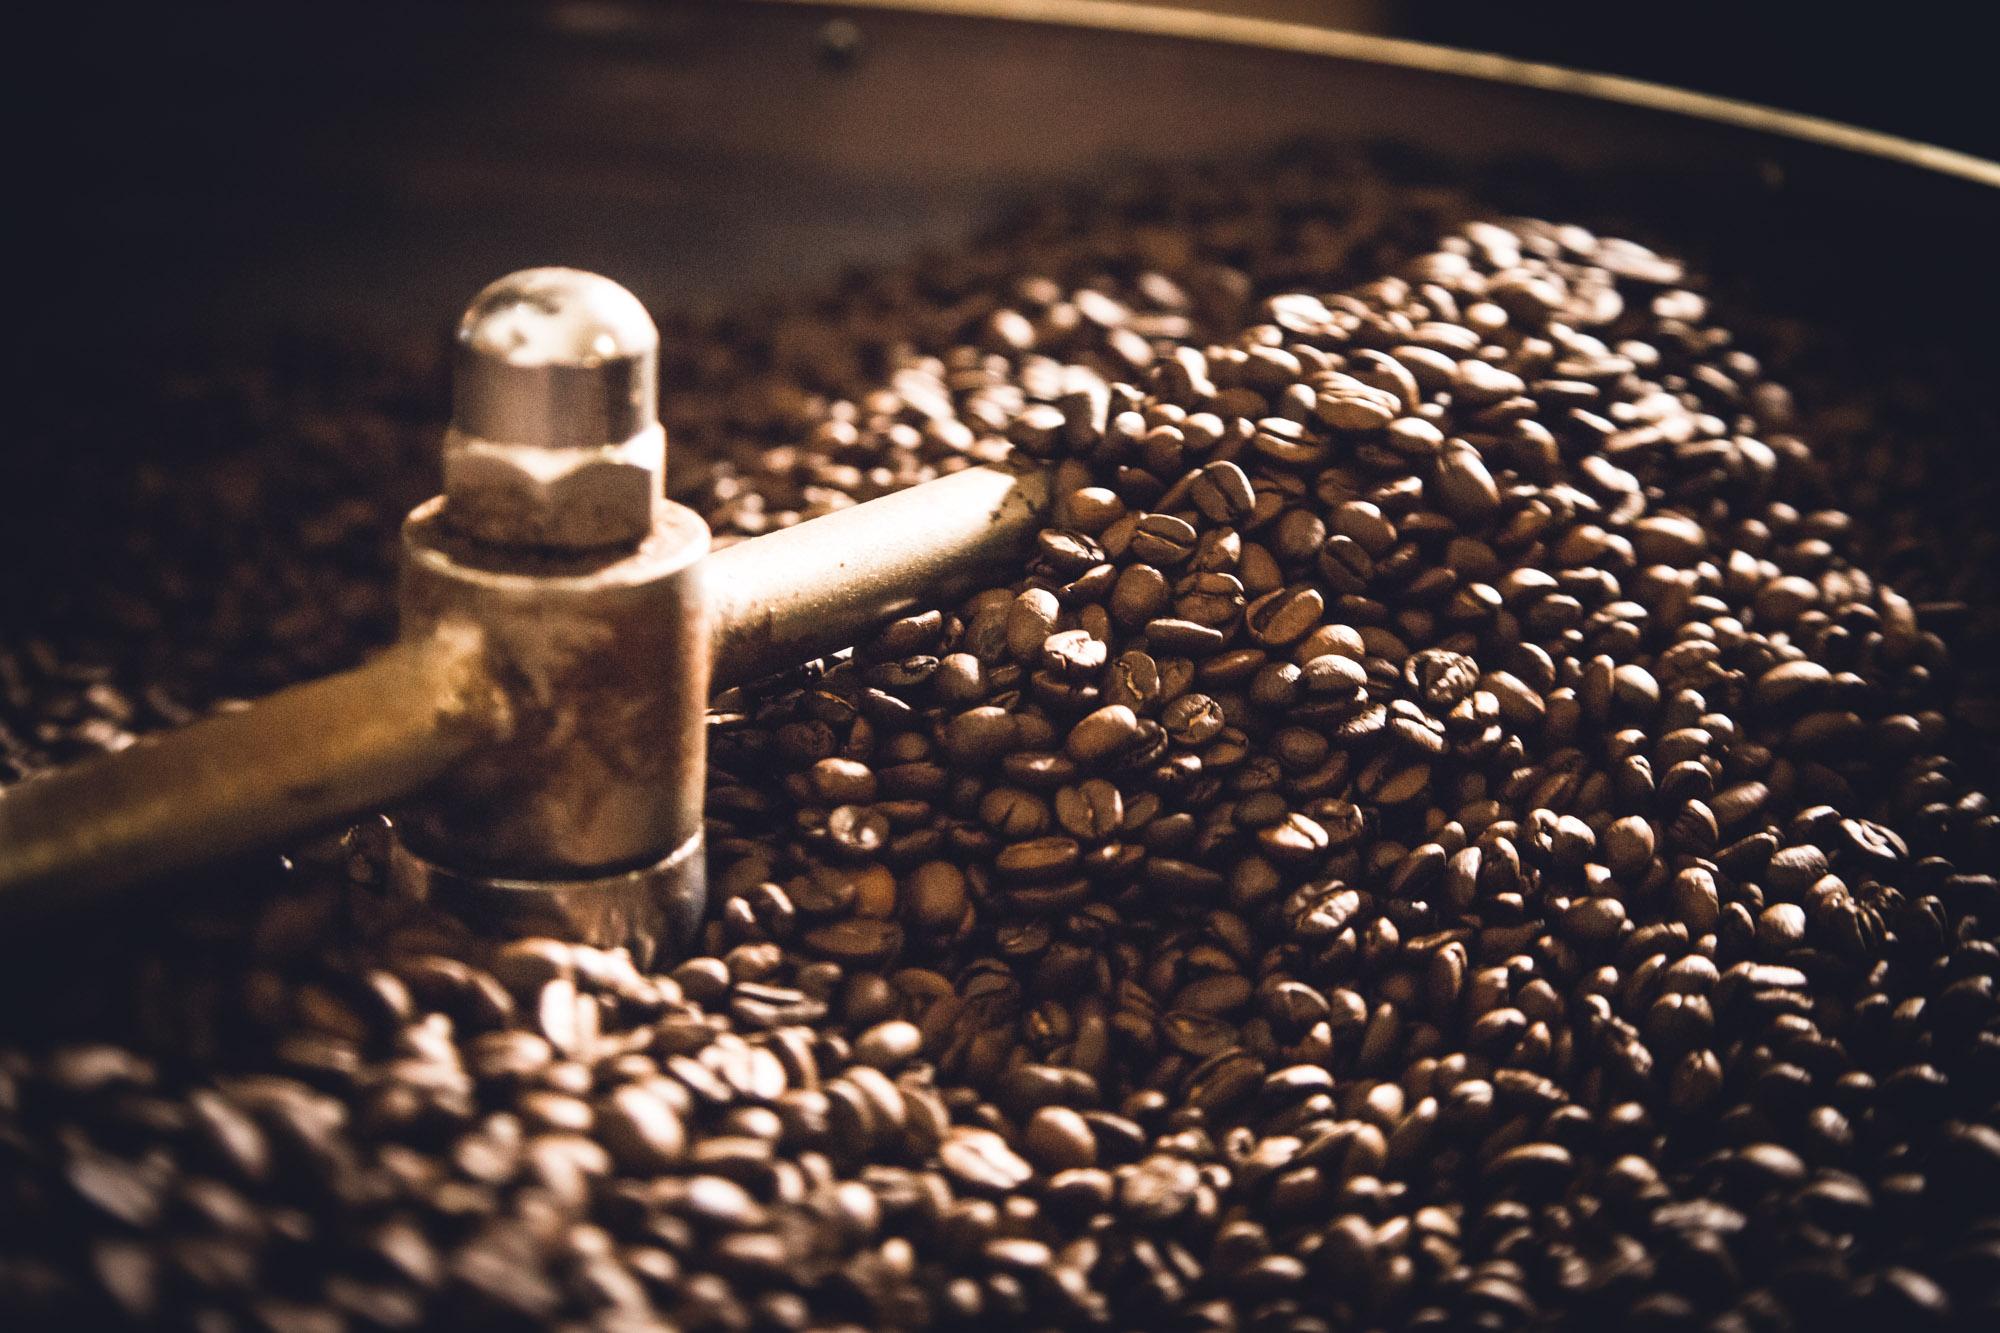 Frisch gerösteter Kaffee von der Genussschmiede Taupe - Marktplatz Mittelkärnten